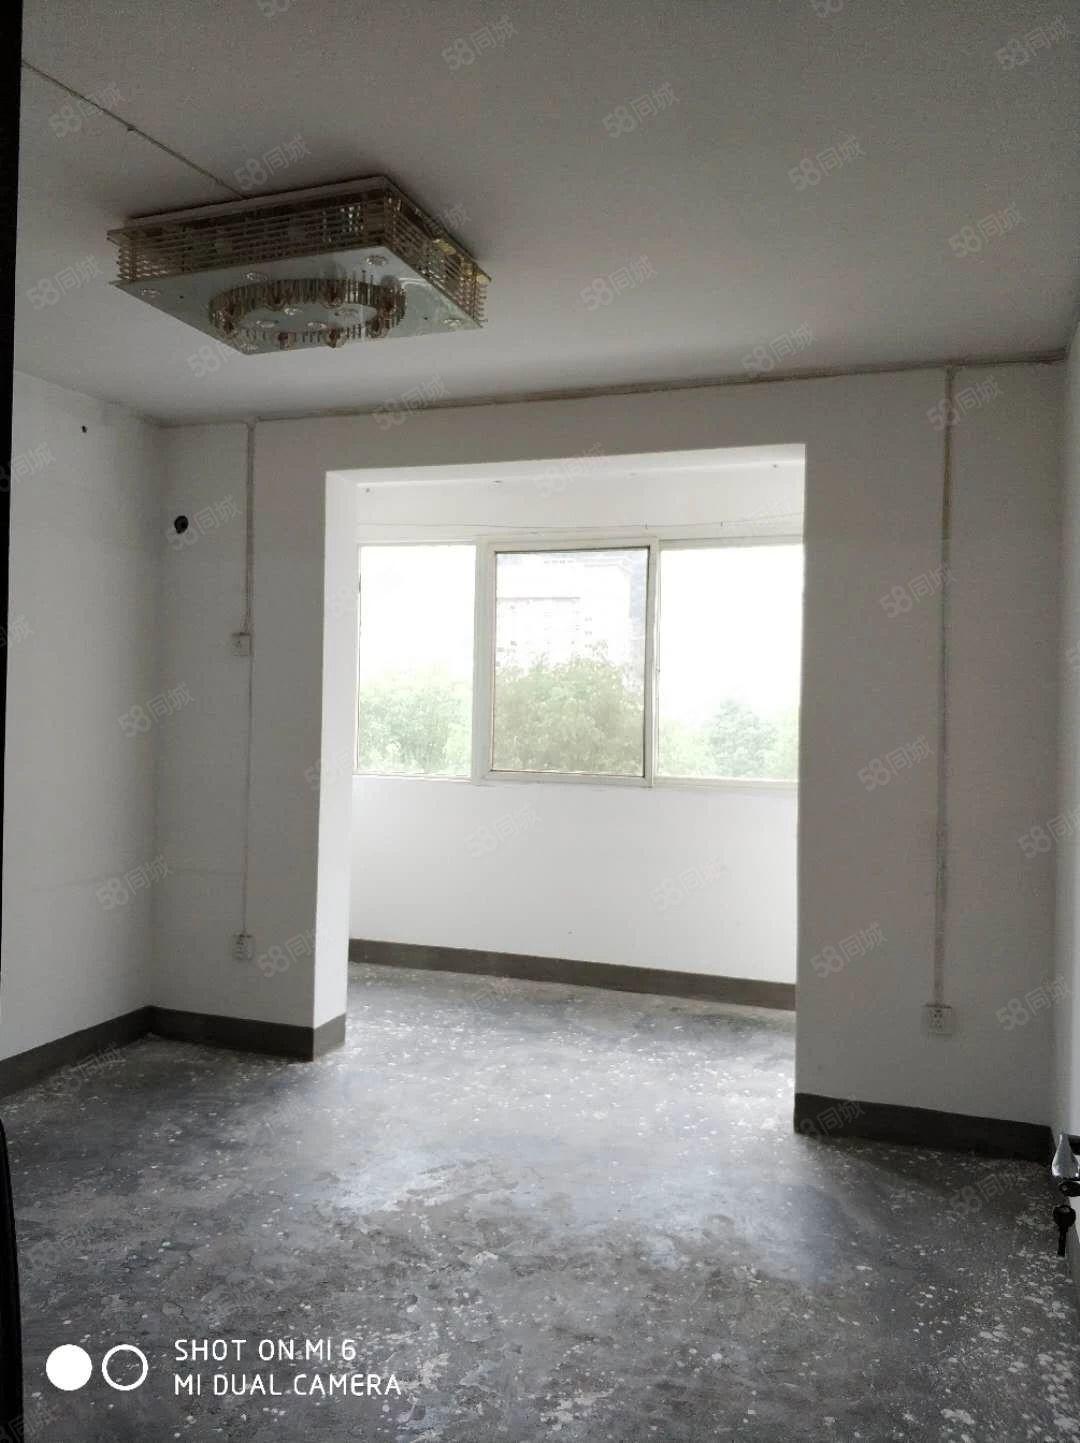 竹山/城西/妇幼保健旁/《万福楼》简装三室135平米随时过户